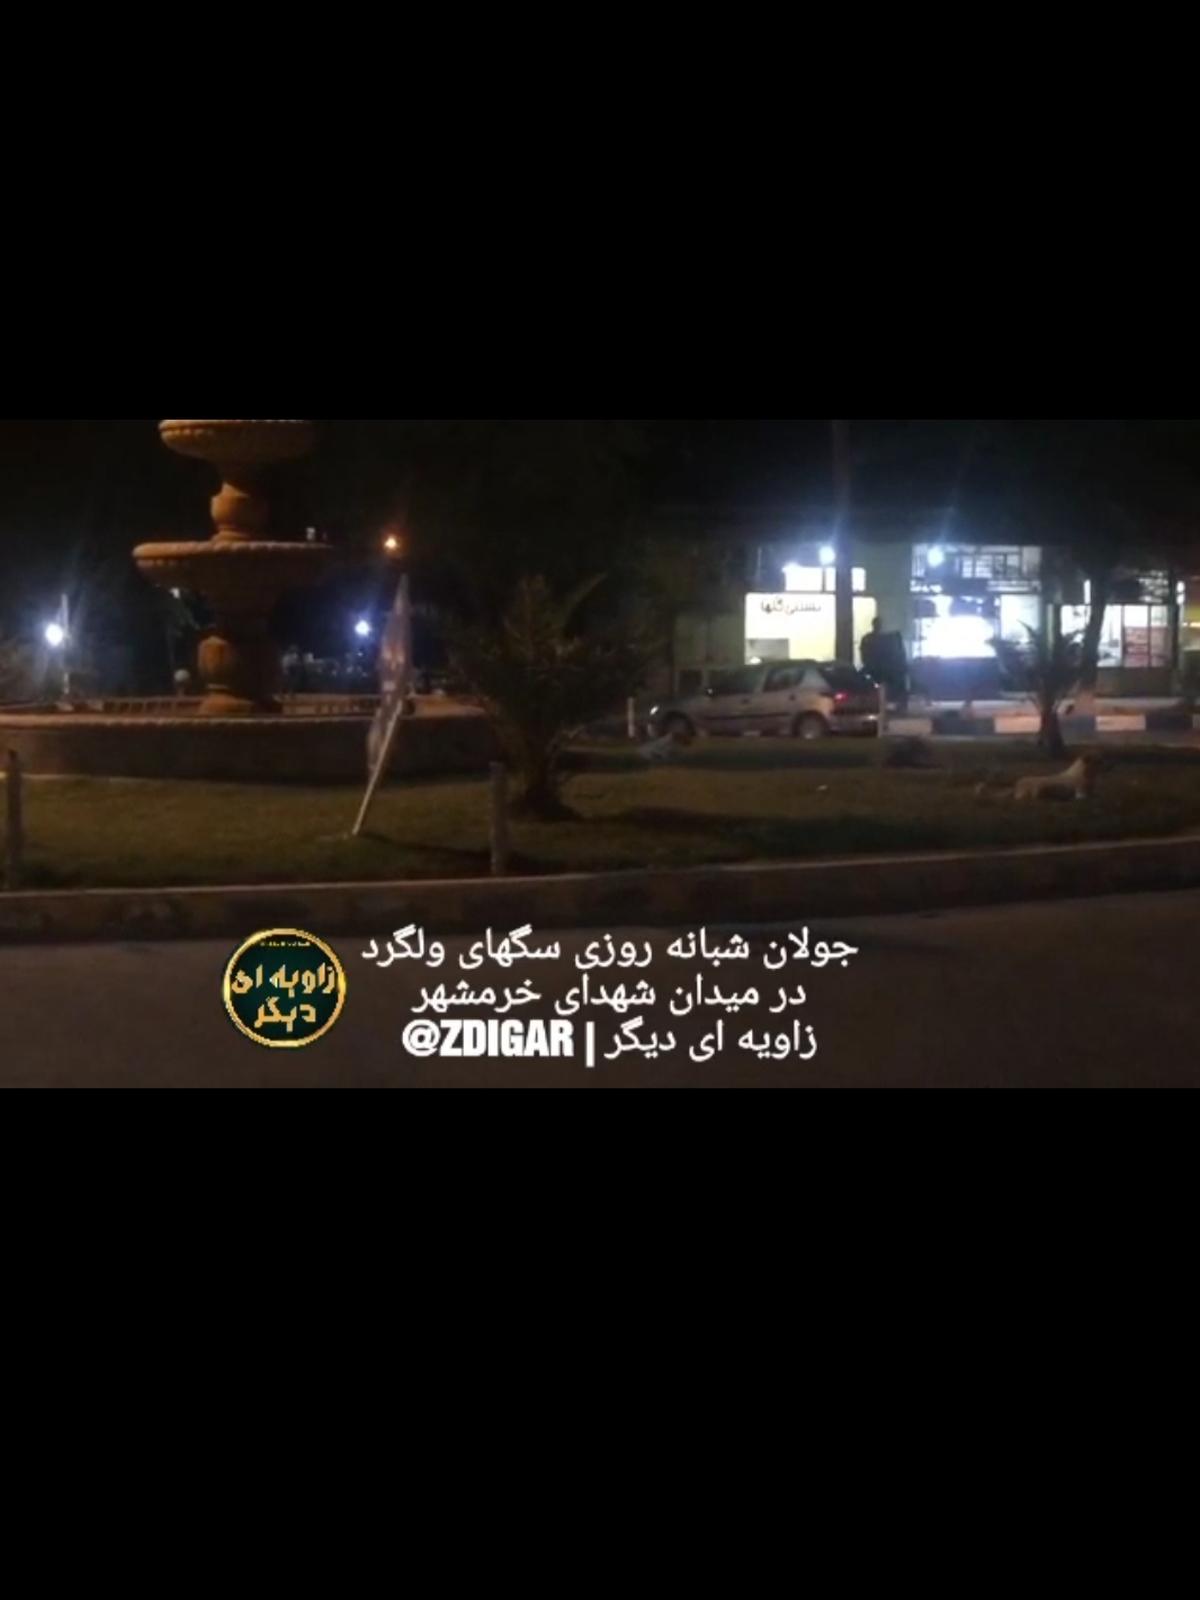 جولان سگهای ولگرد در خرمشهر + ویدئو